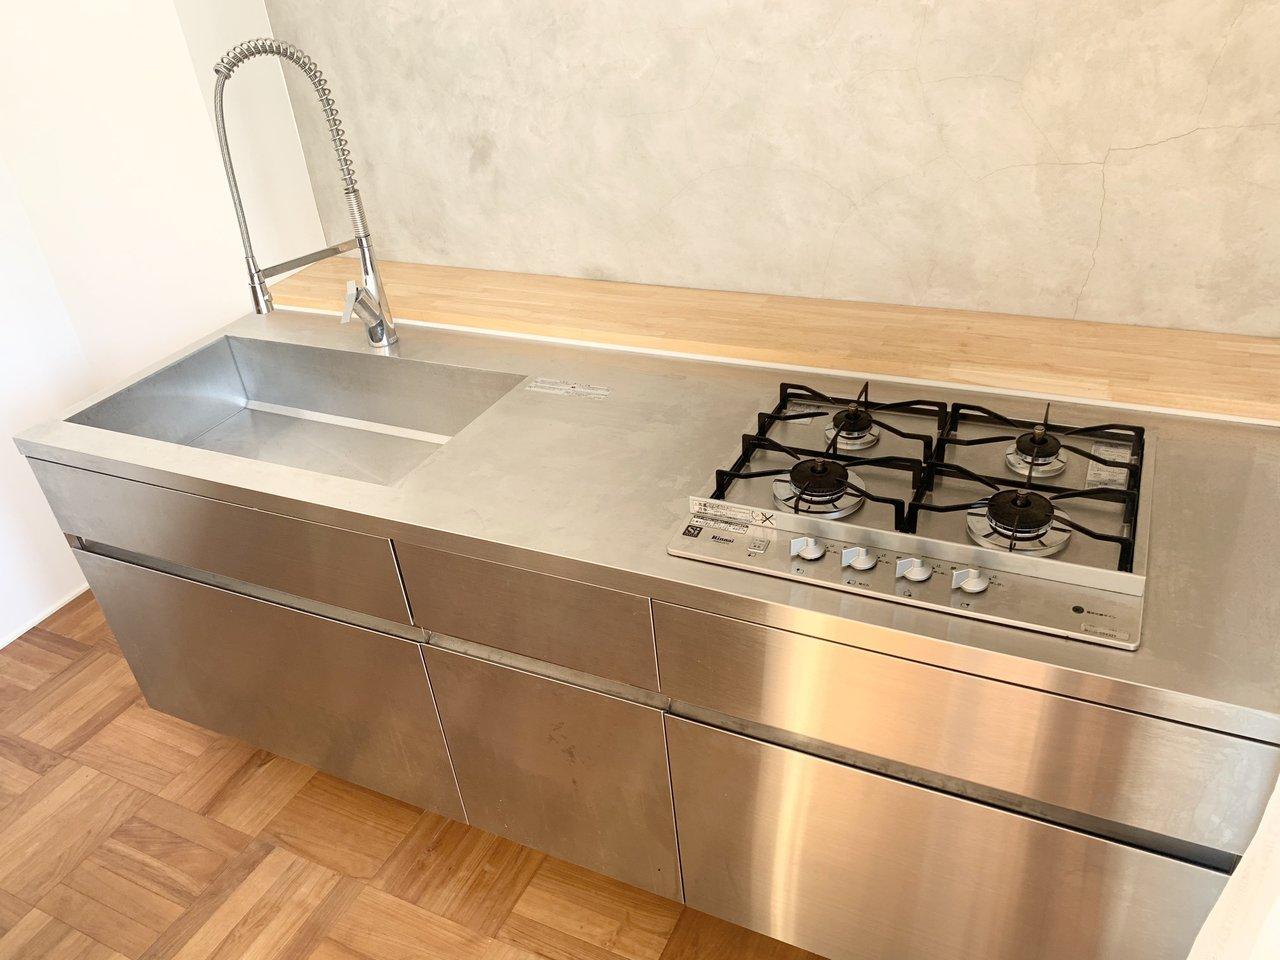 キッチンも洒落てますね〜でも機能は十分そう。4口ガスコンロです。